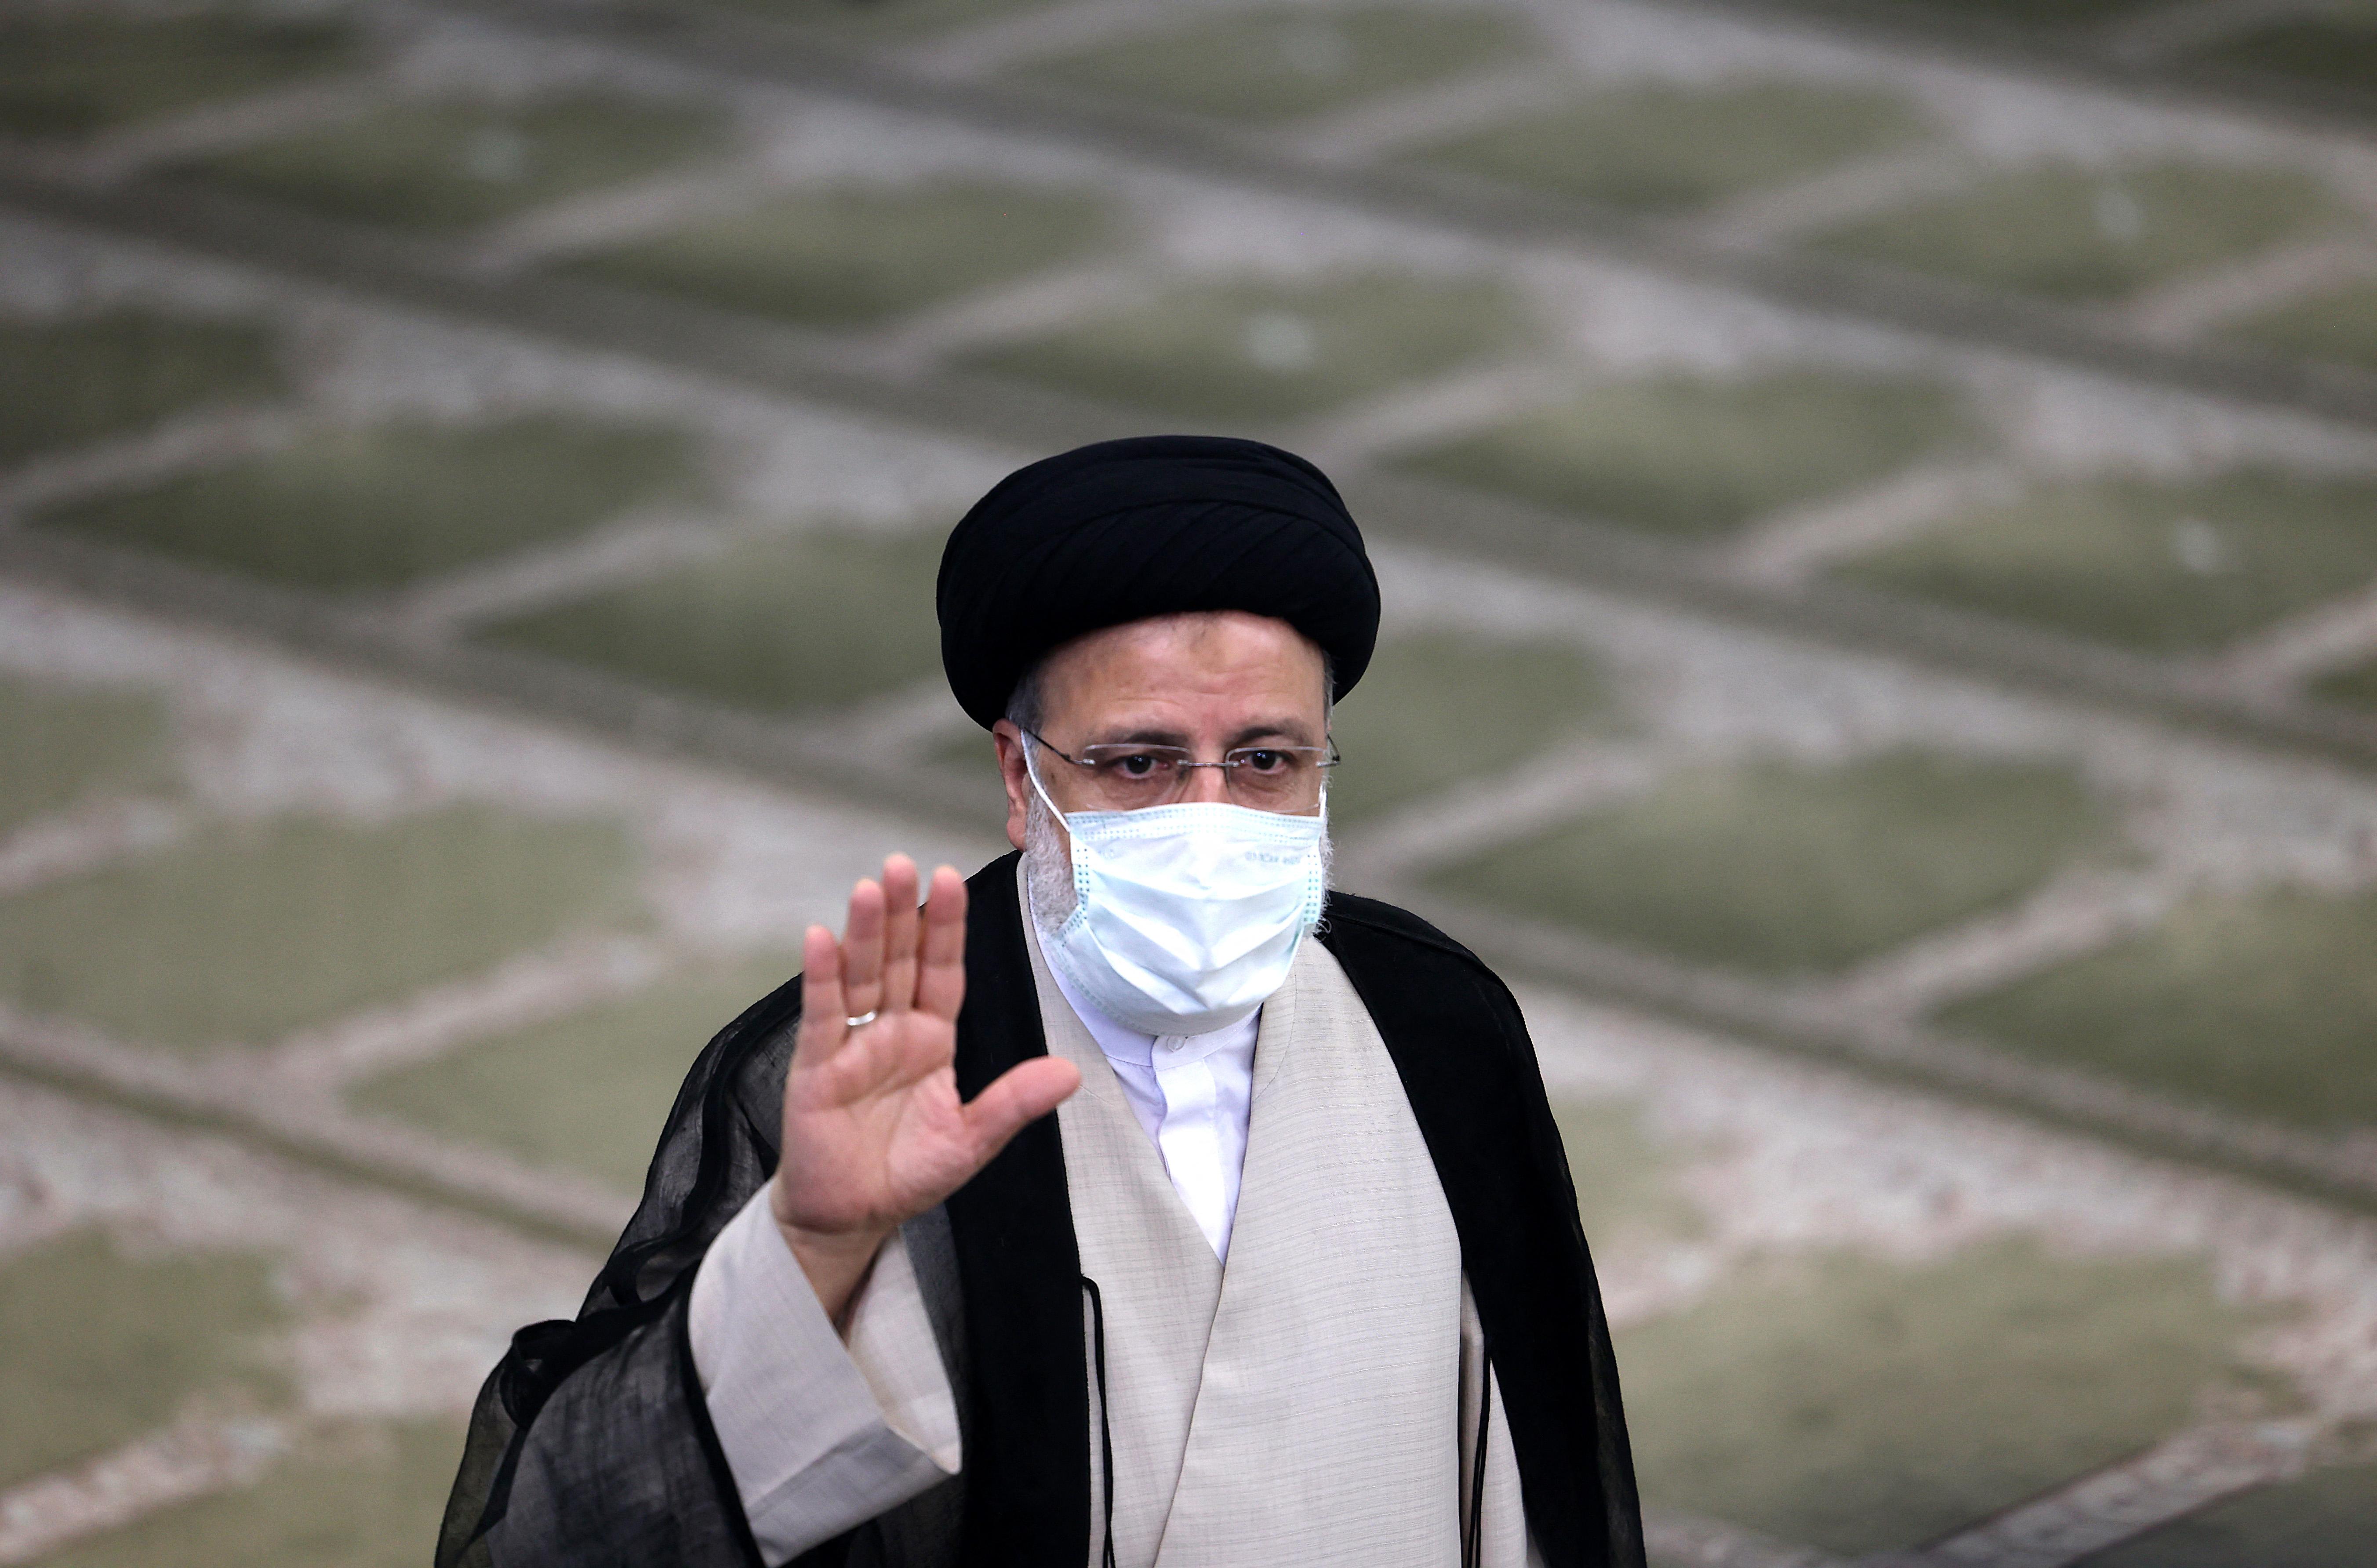 Megkezdődött Iránban az elnökválasztás